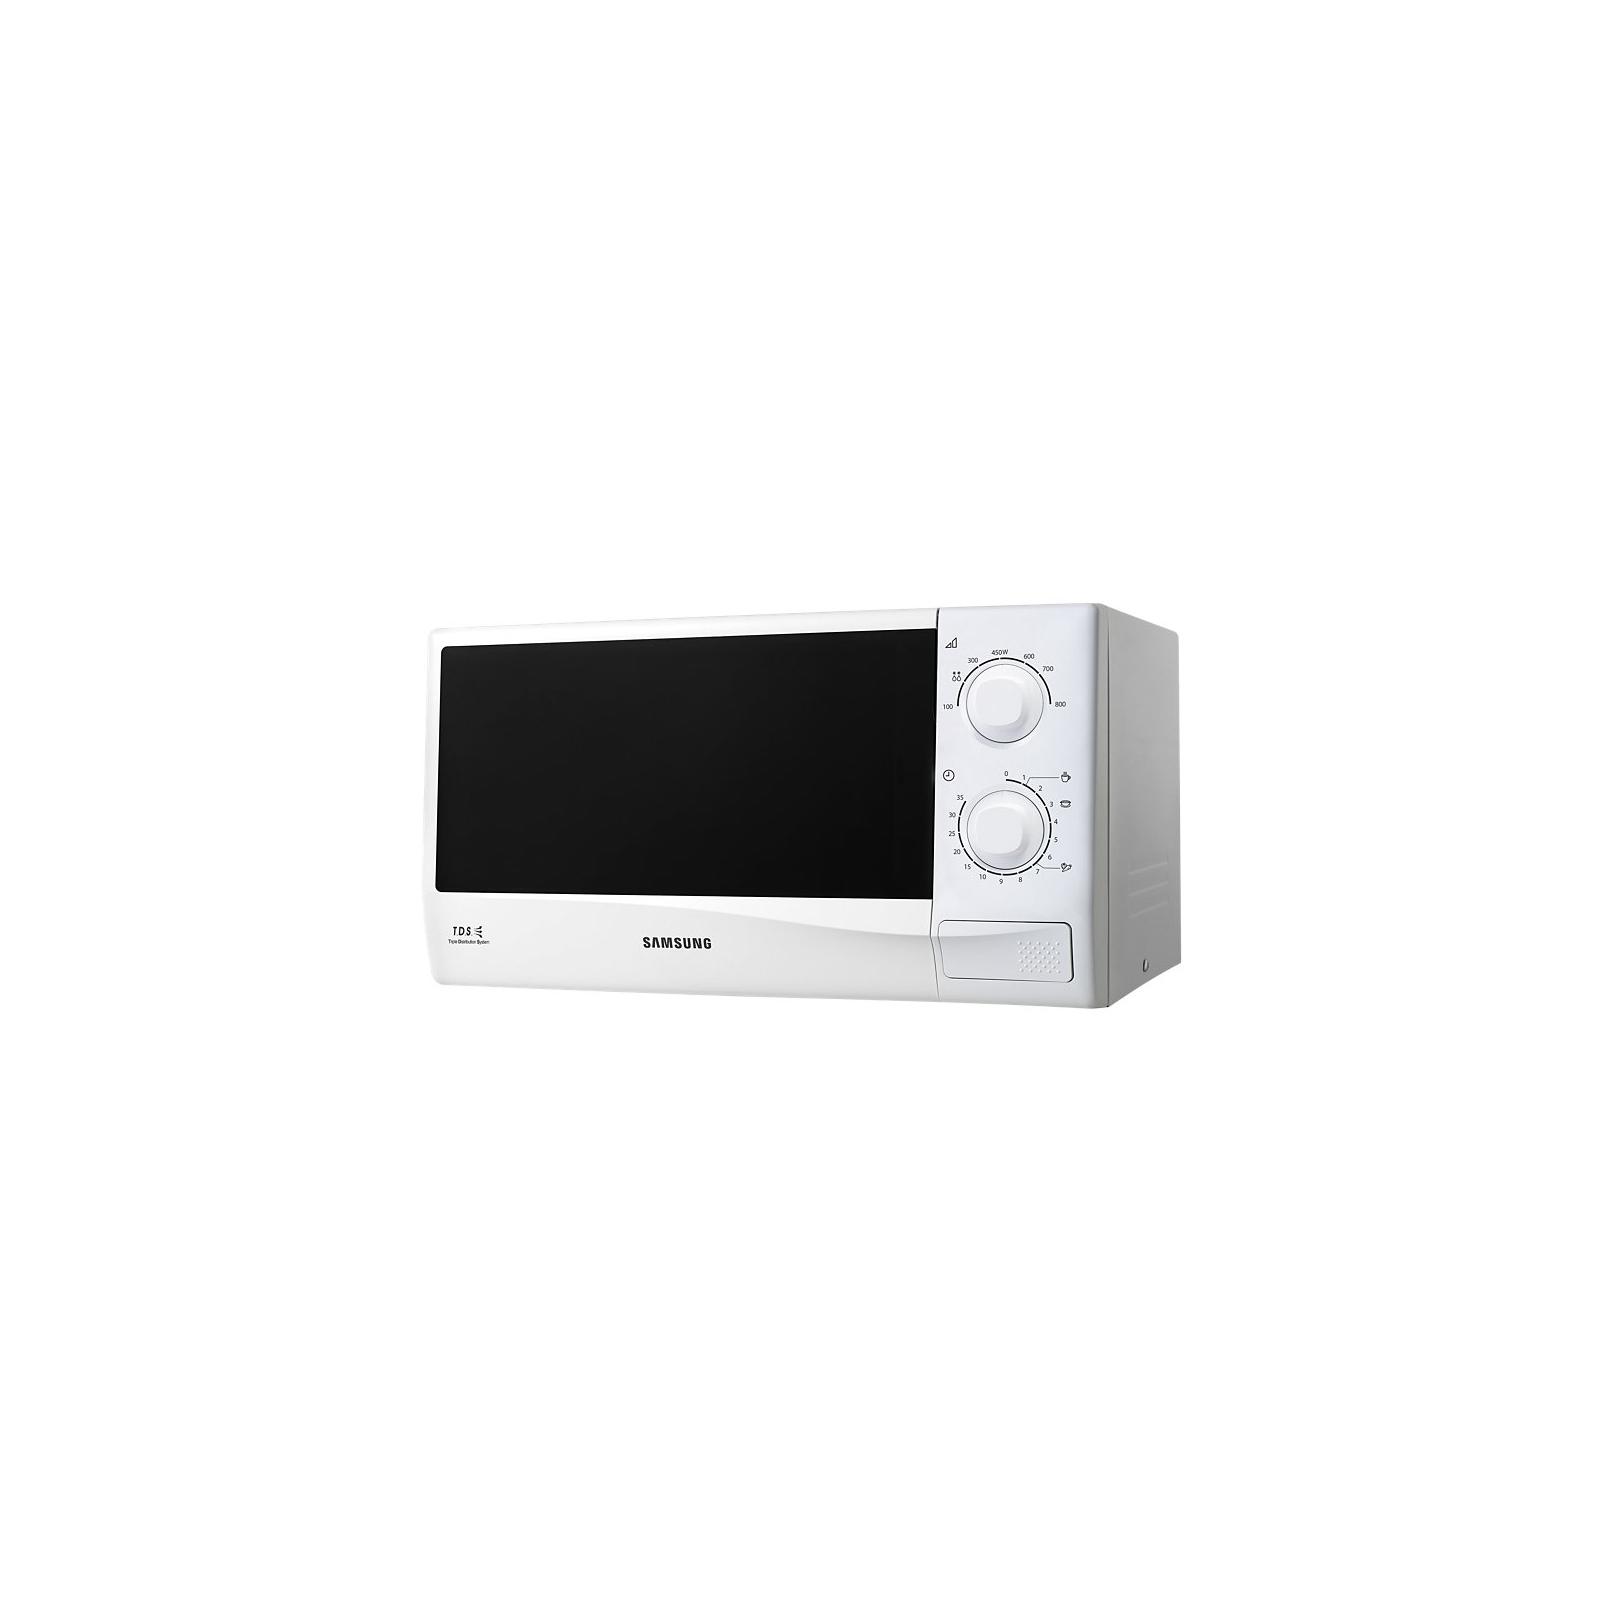 Микроволновая печь Samsung ME81KRW-2/BW изображение 2